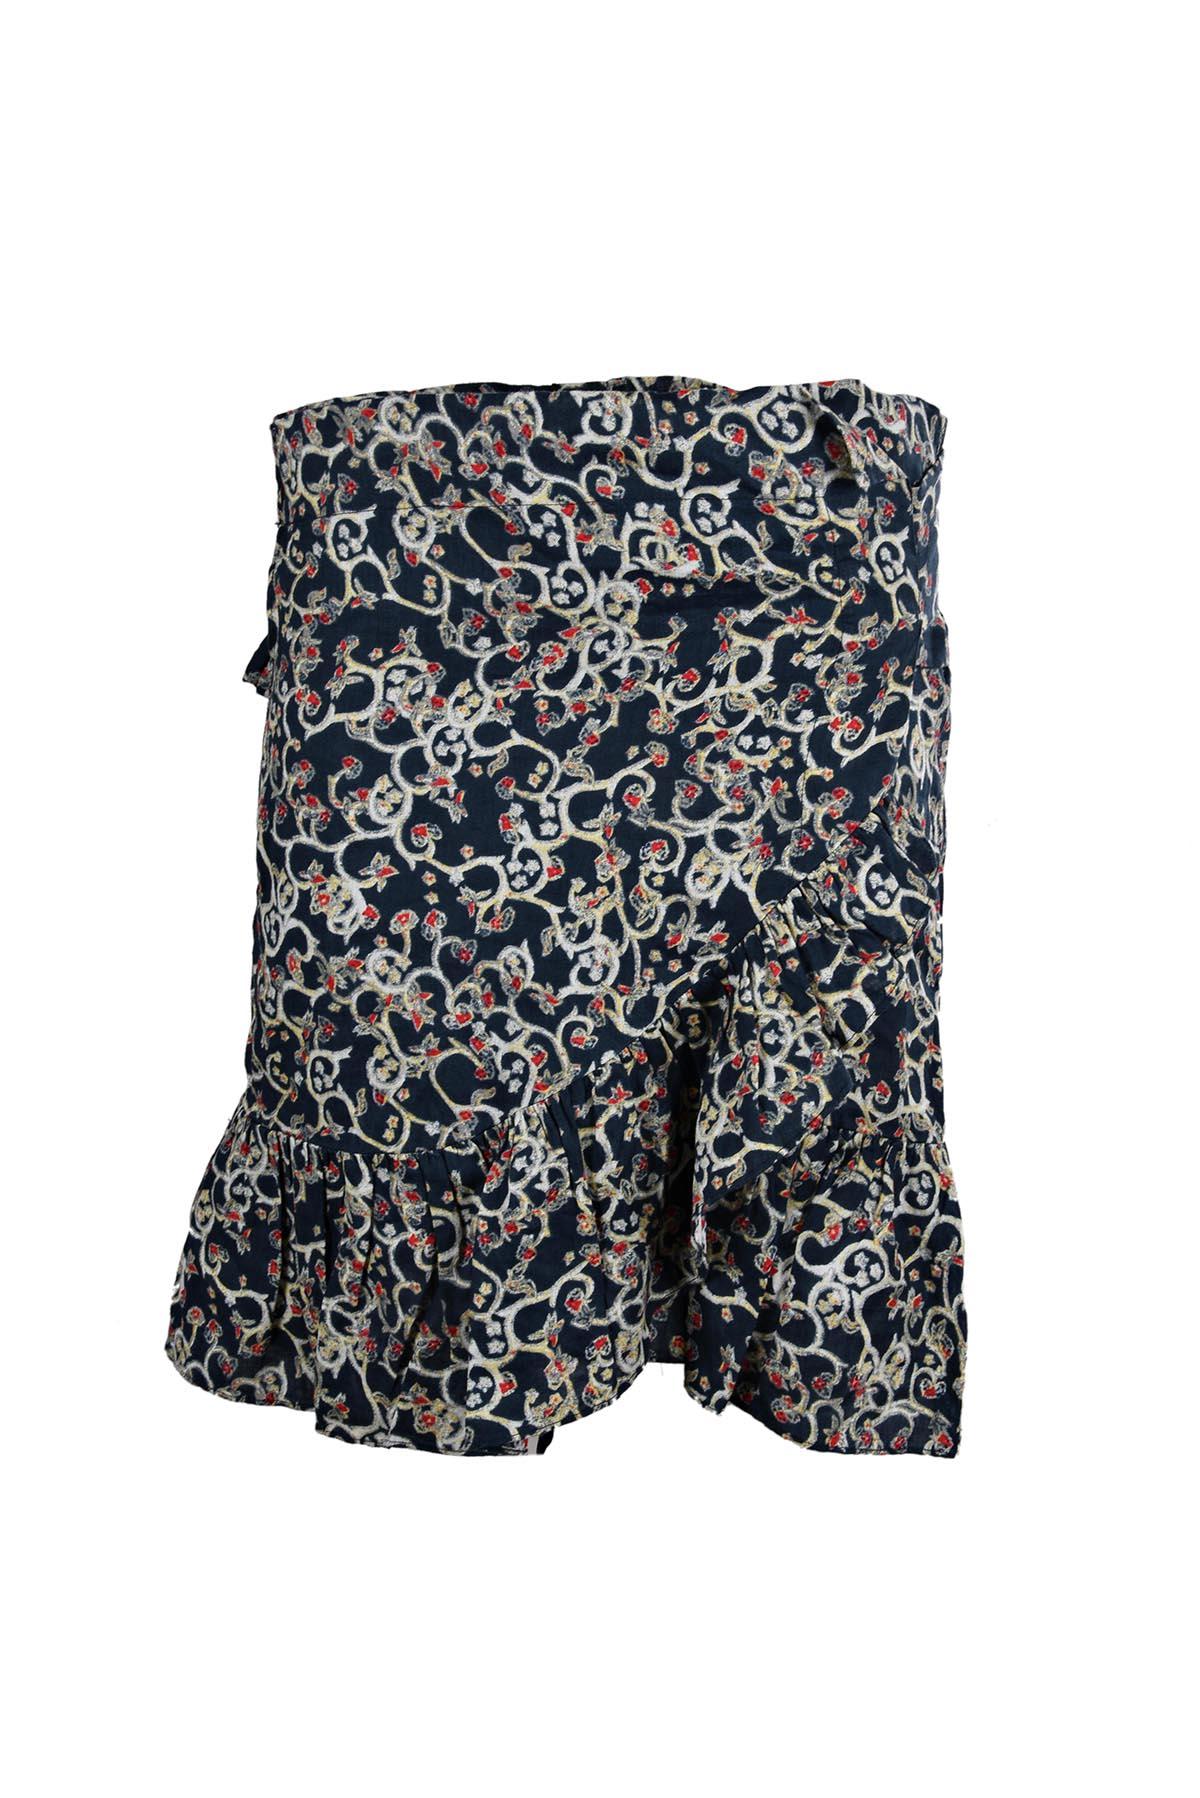 Isabel Marant Etoile Tempesta Skirt